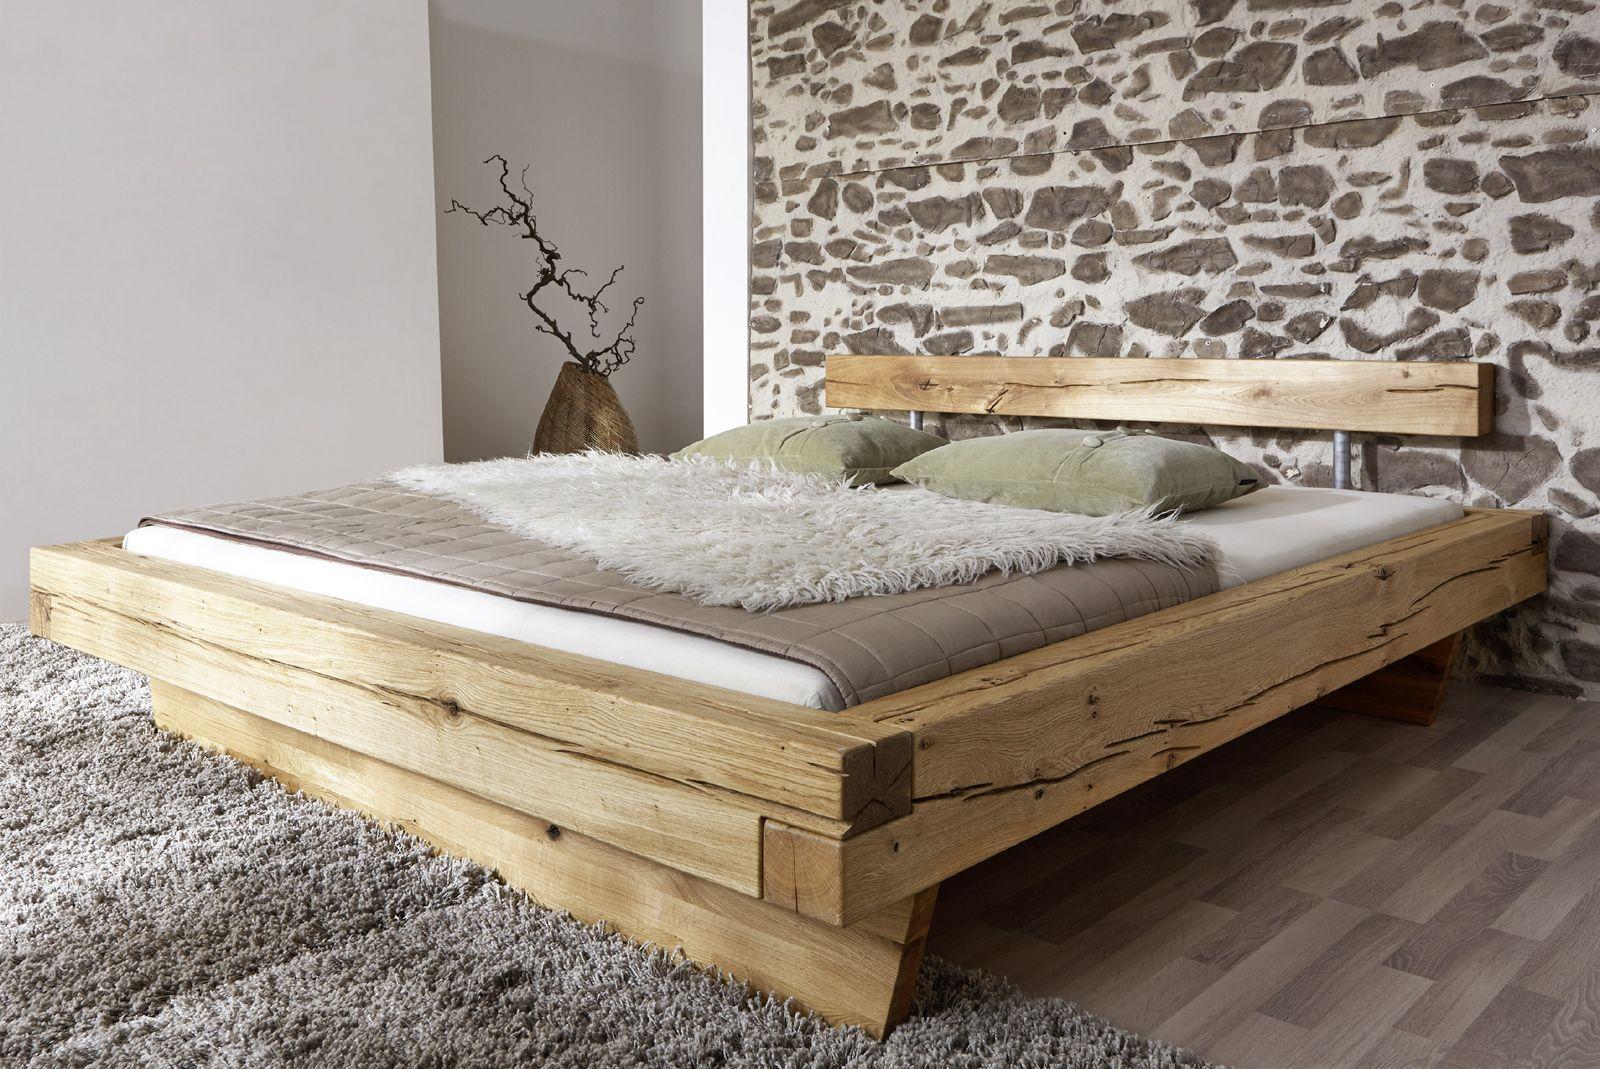 Sam Balkenbett Jakob Wildeiche Holzbett 200 X 200 Cm Bed Bed Frame Rustic Bedding